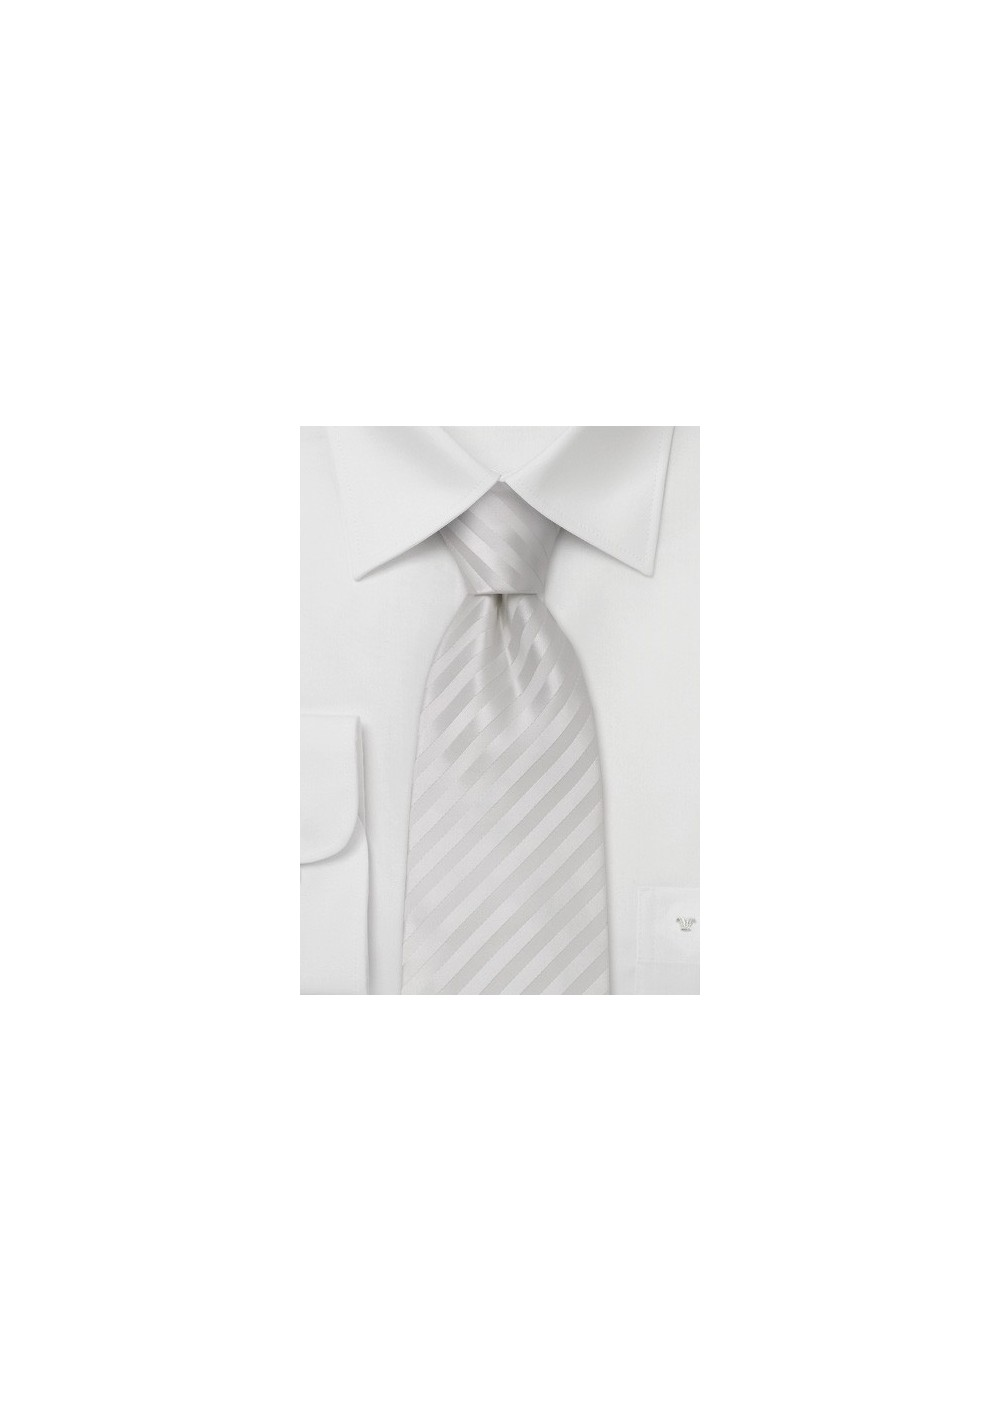 Elegant white silk tie with fine diagonal stripes